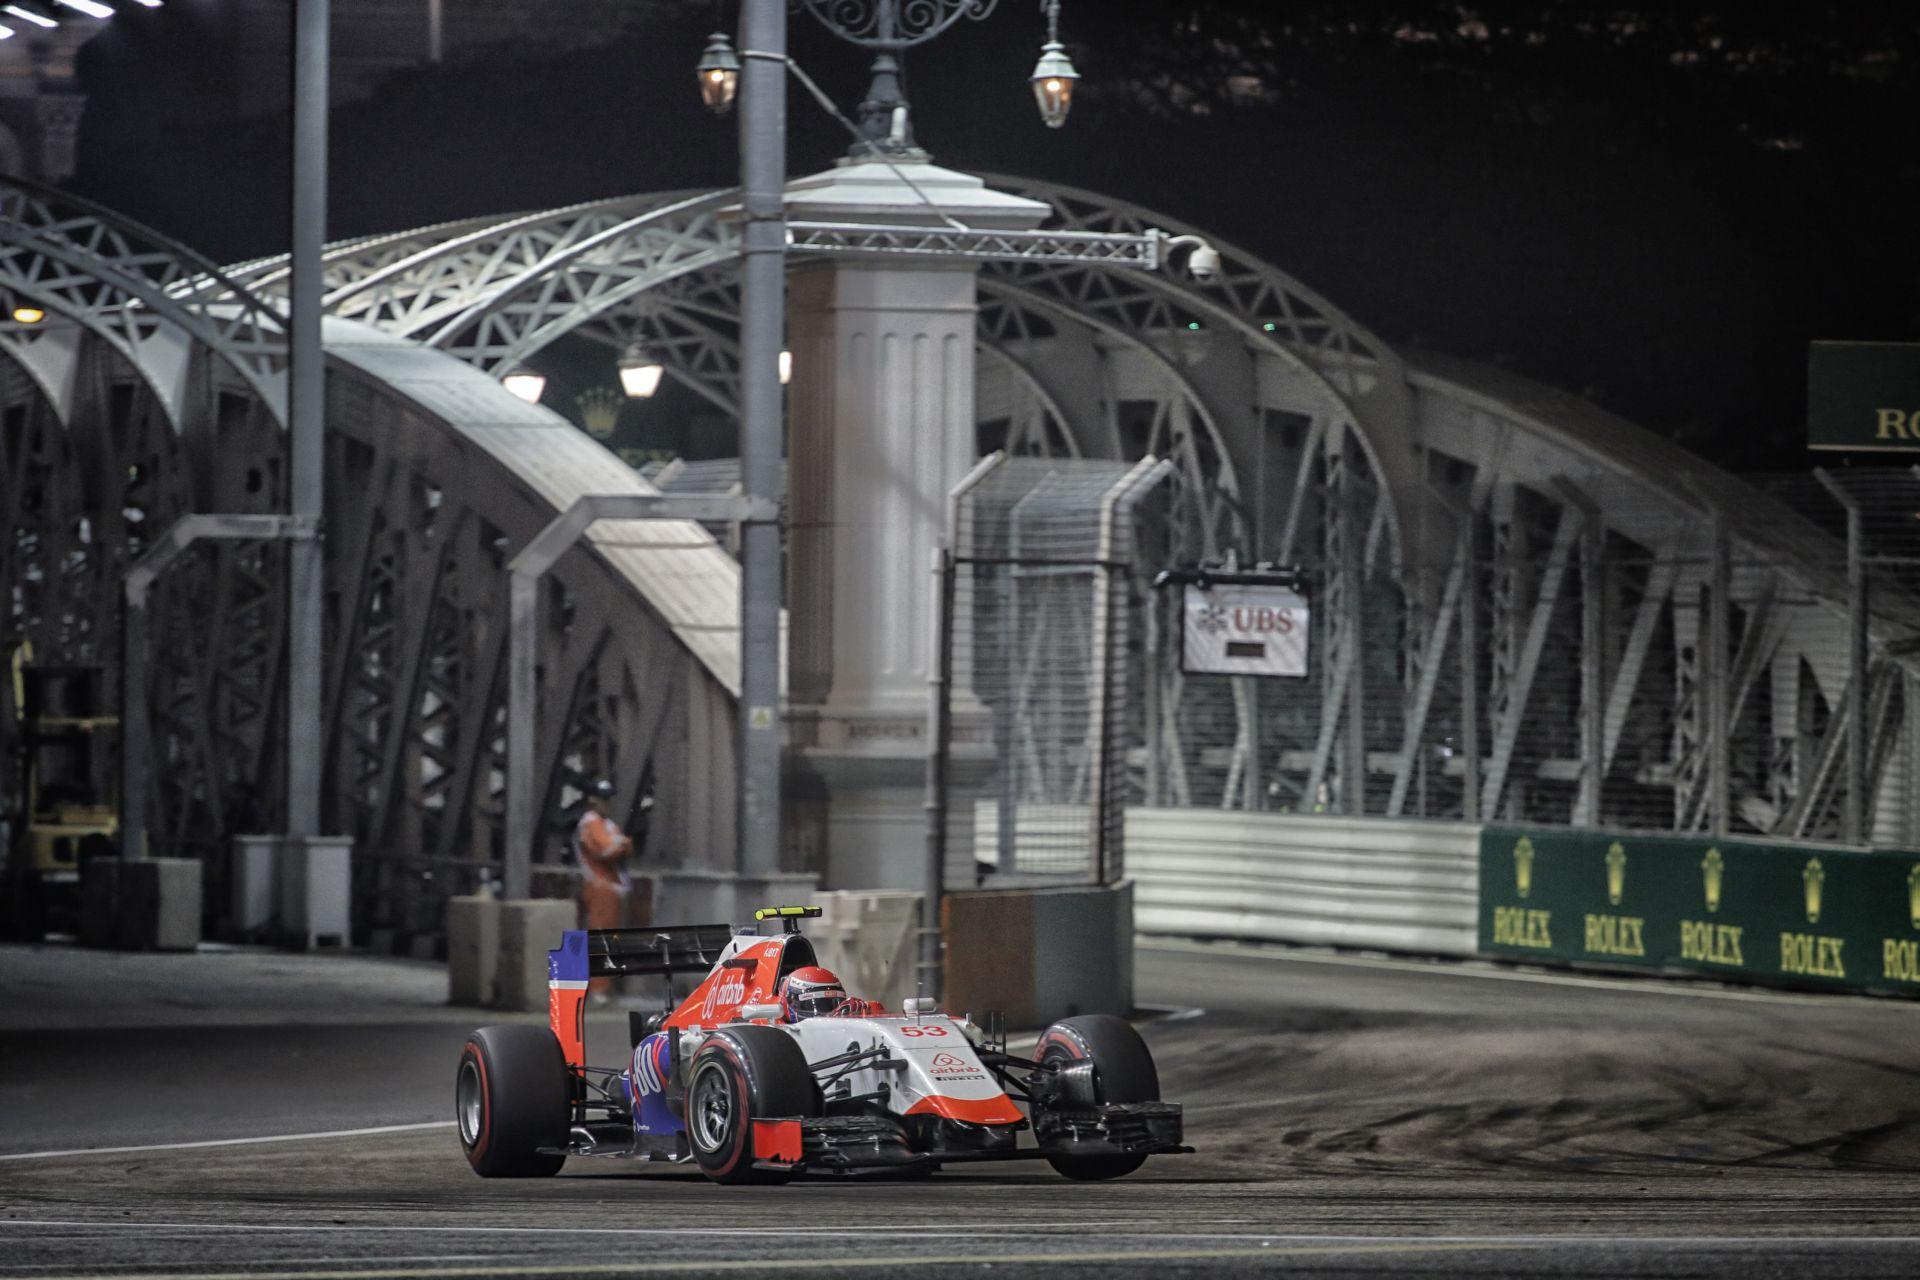 Egy nagyon látványos drift az amerikai F1-es újonctól Szingapúrban